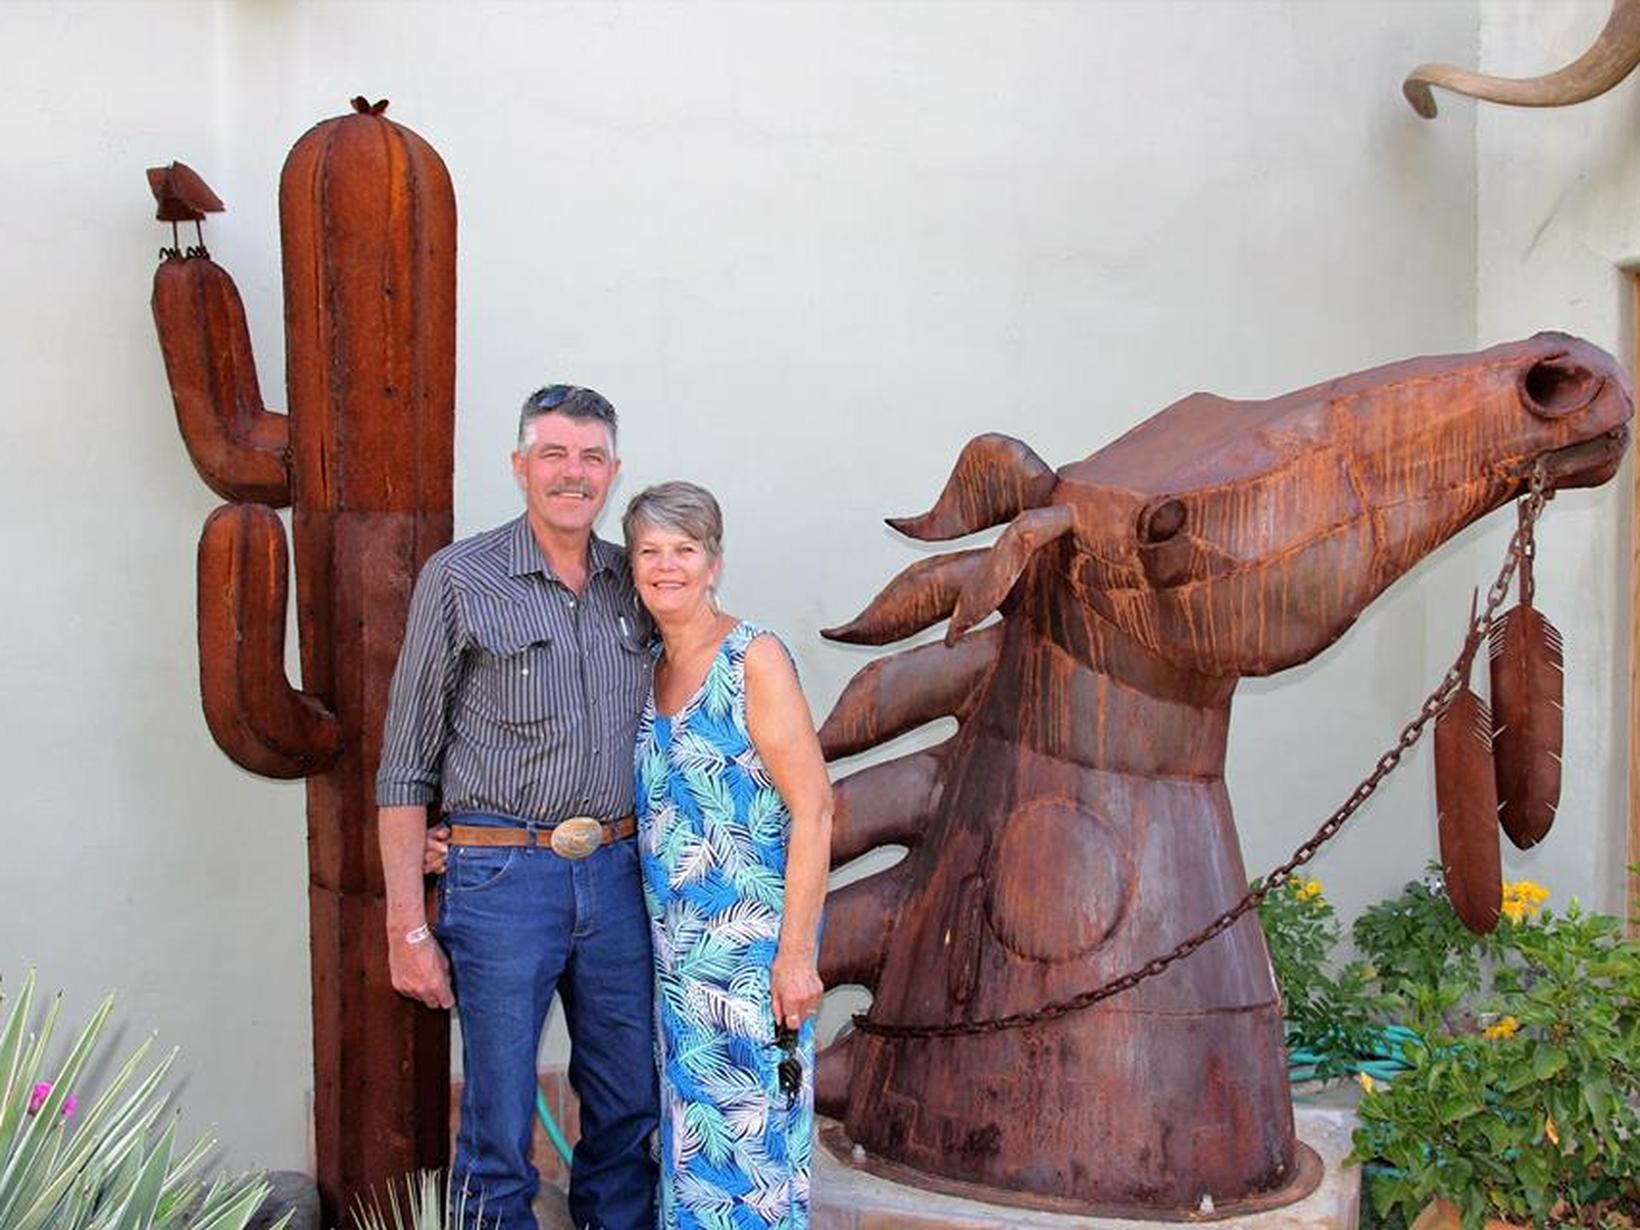 John & Geri from Vernon, British Columbia, Canada